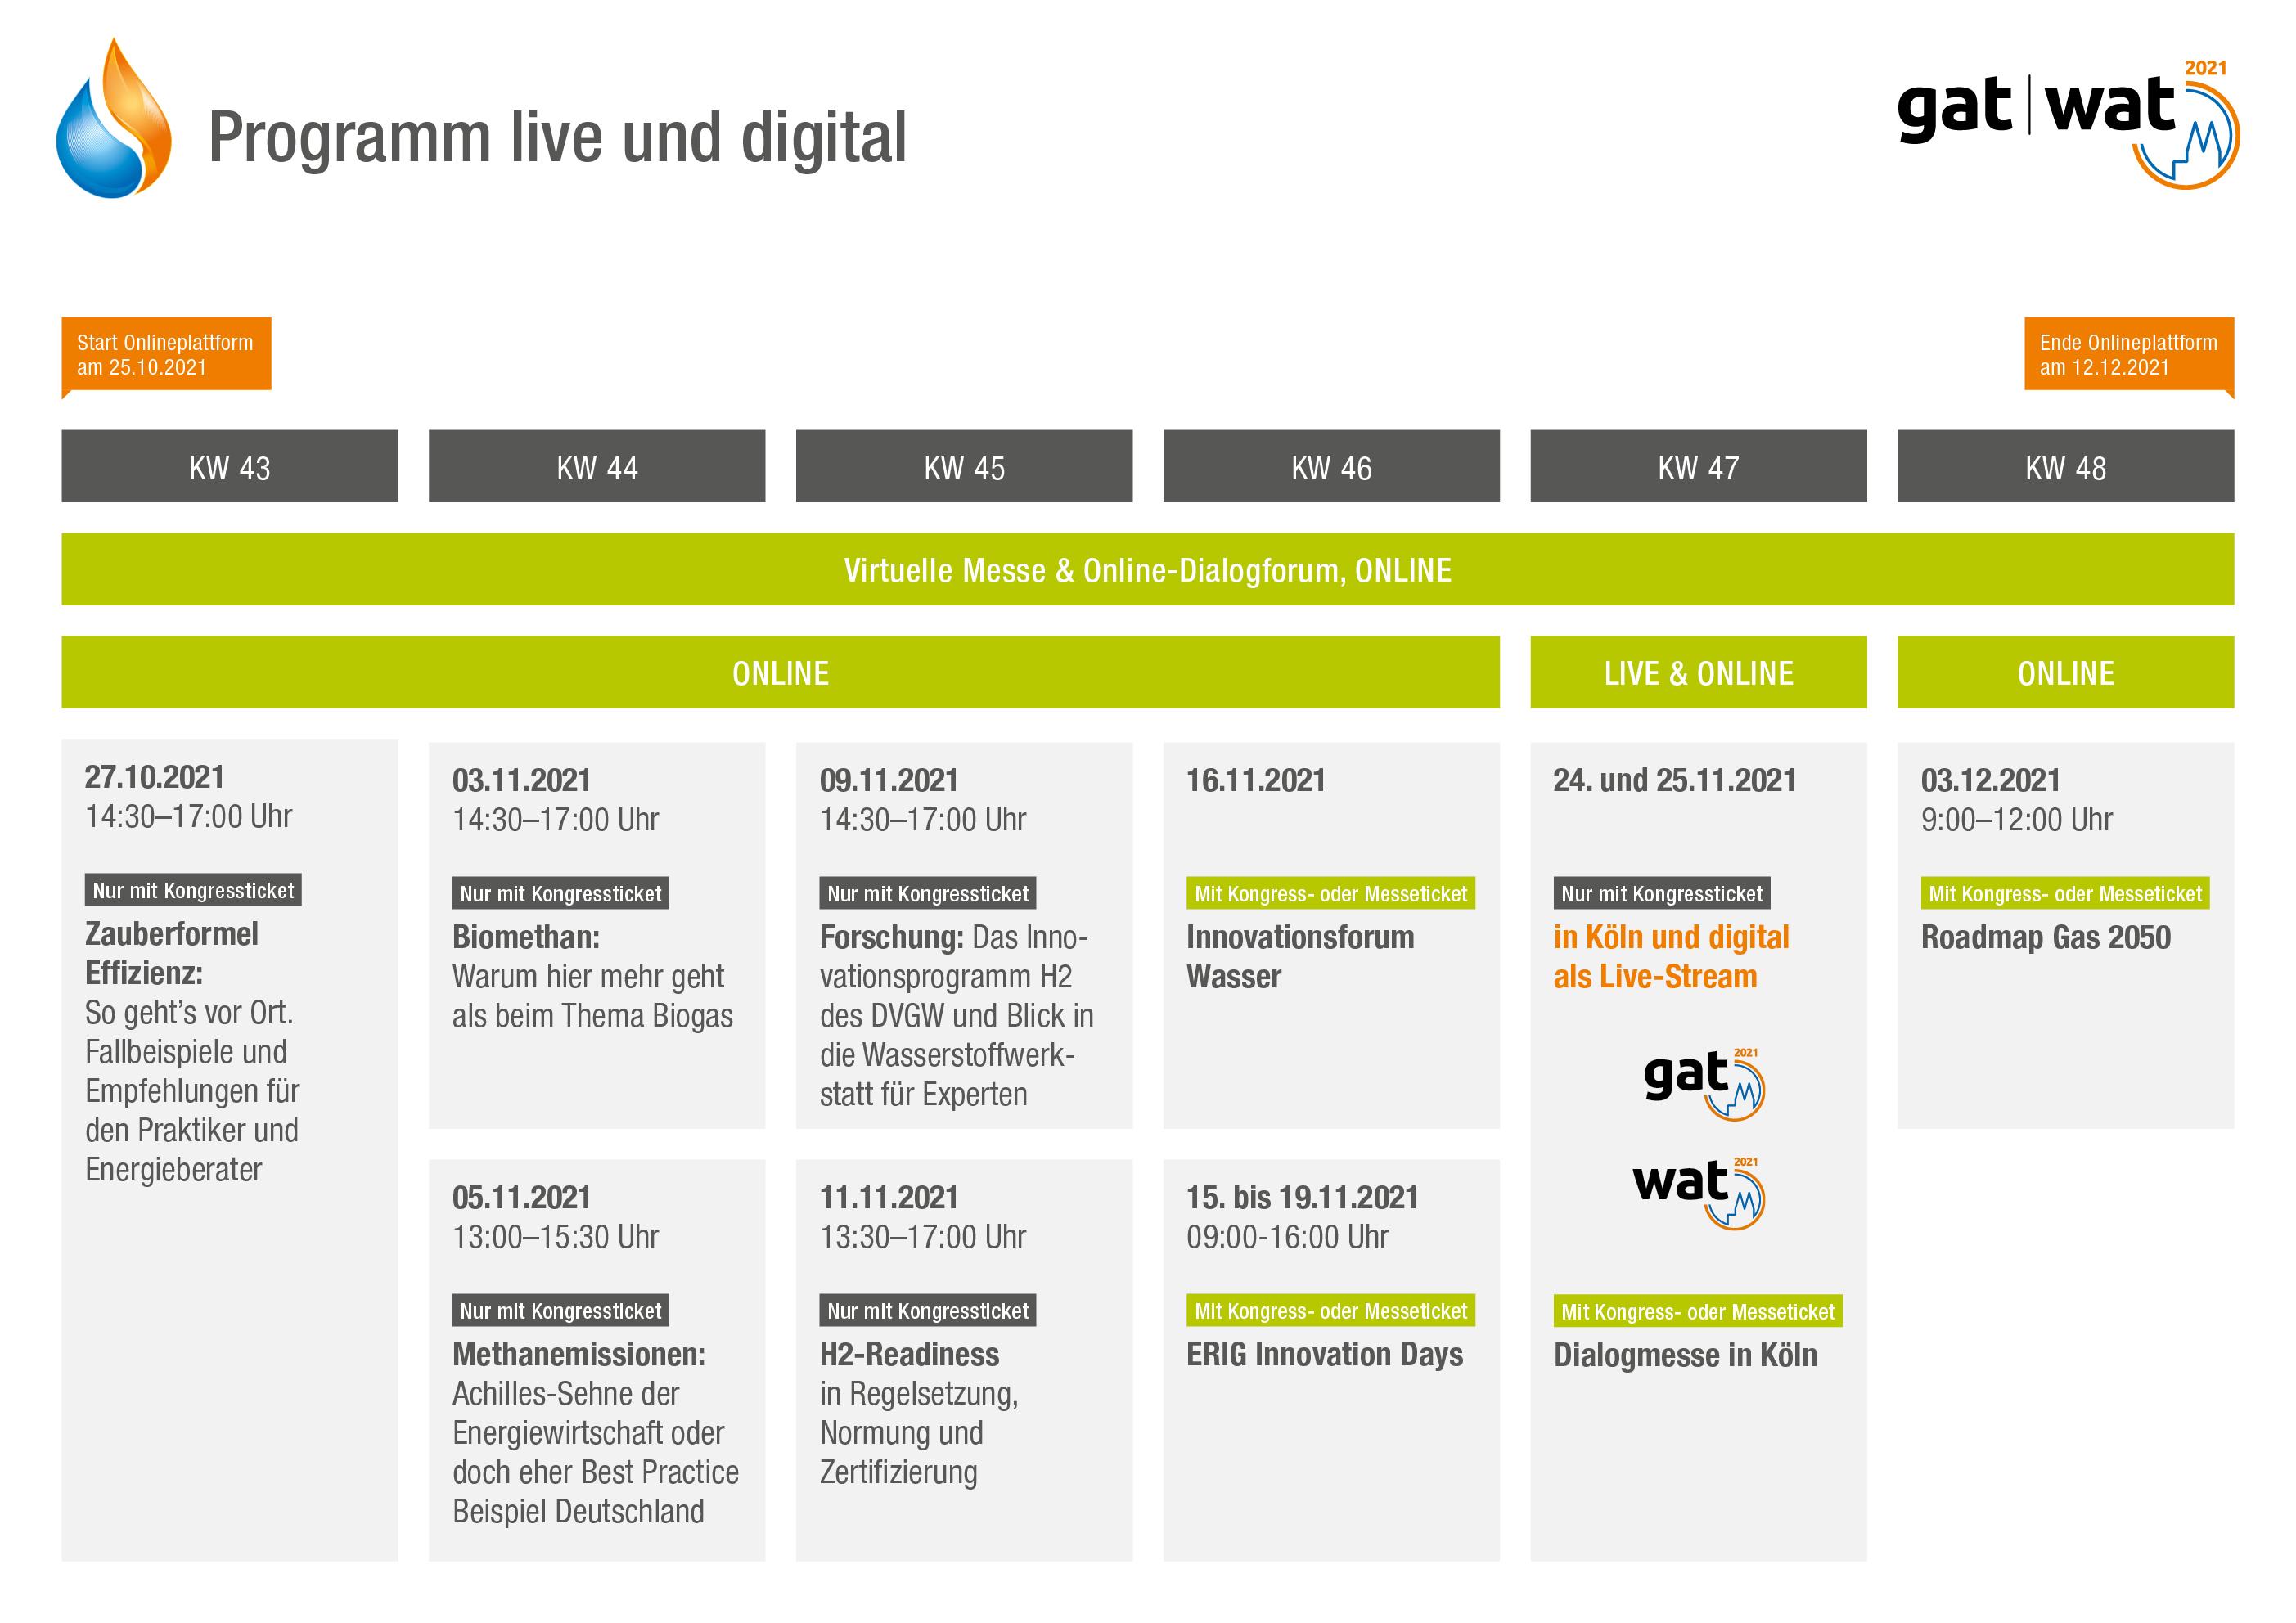 Programmübersicht gat | wat 2021 live und online